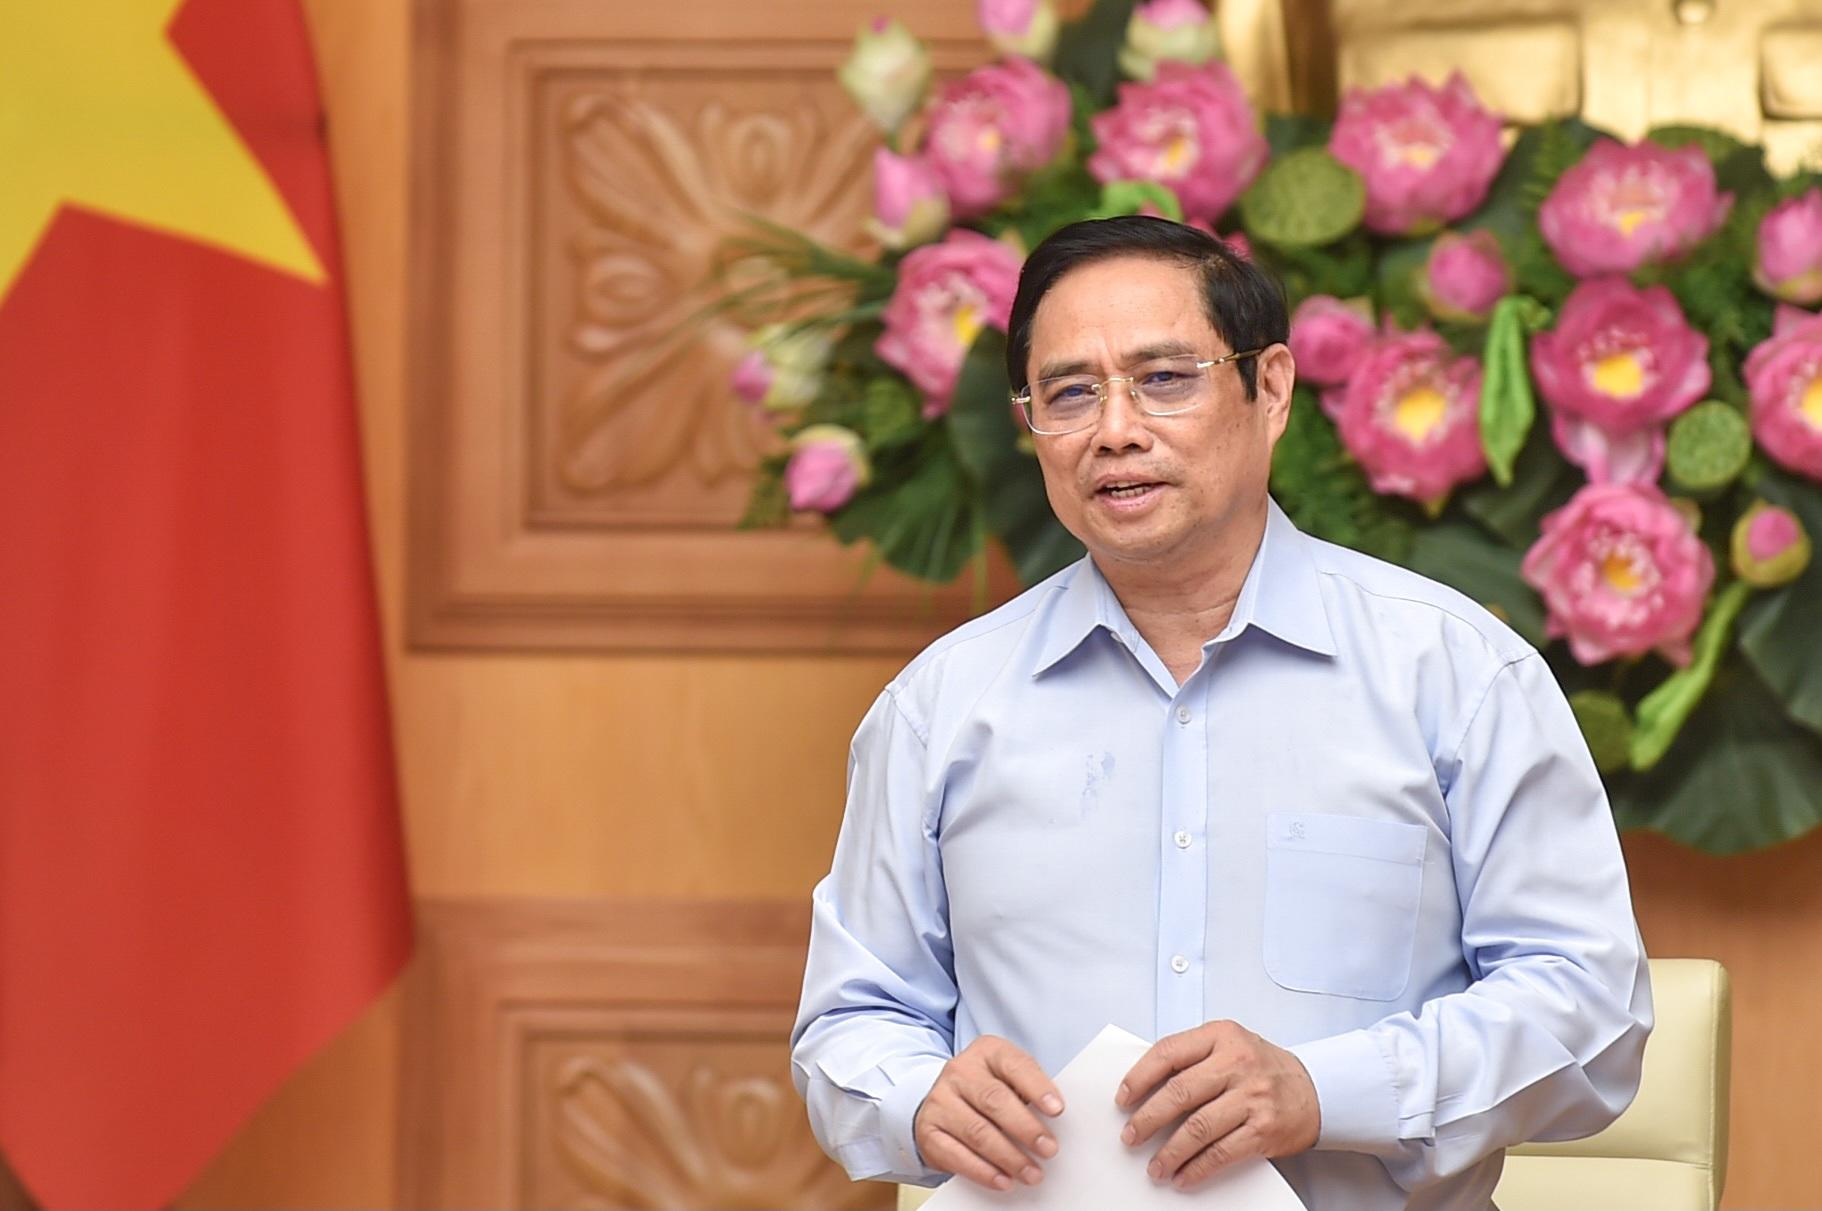 Thủ tướng gặp gỡ doanh nghiệp Mỹ, kỳ vọng phát triển hơn nữa hợp tác đầu tư